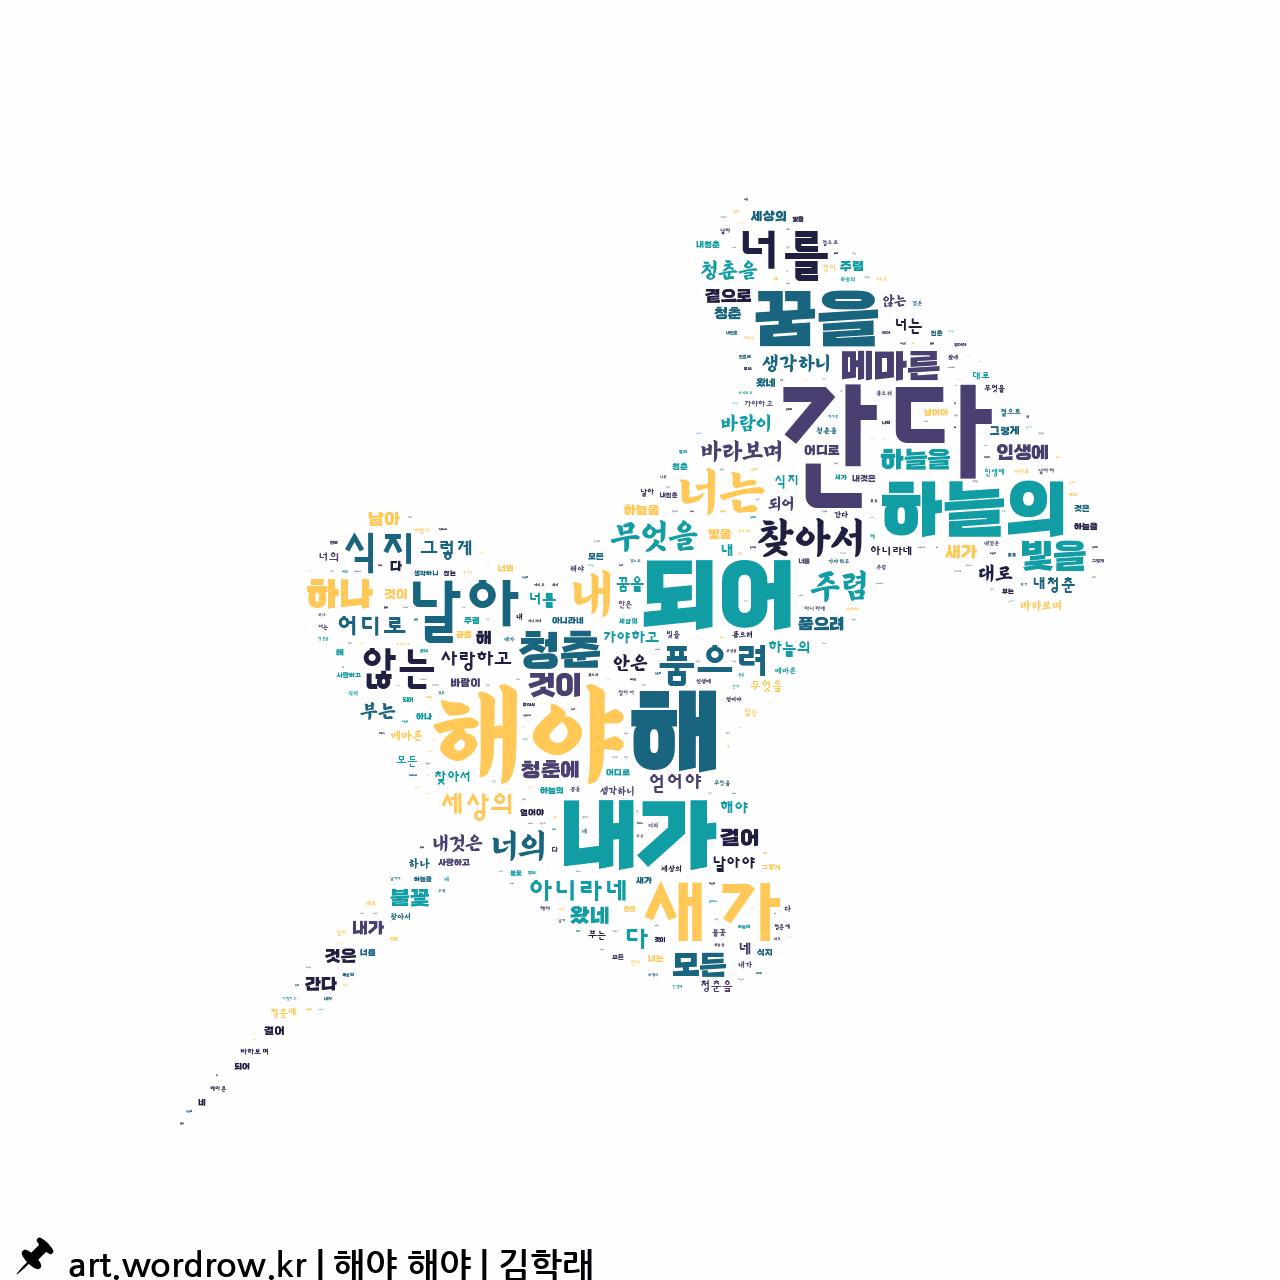 워드 클라우드: 해야 해야 [김학래]-51